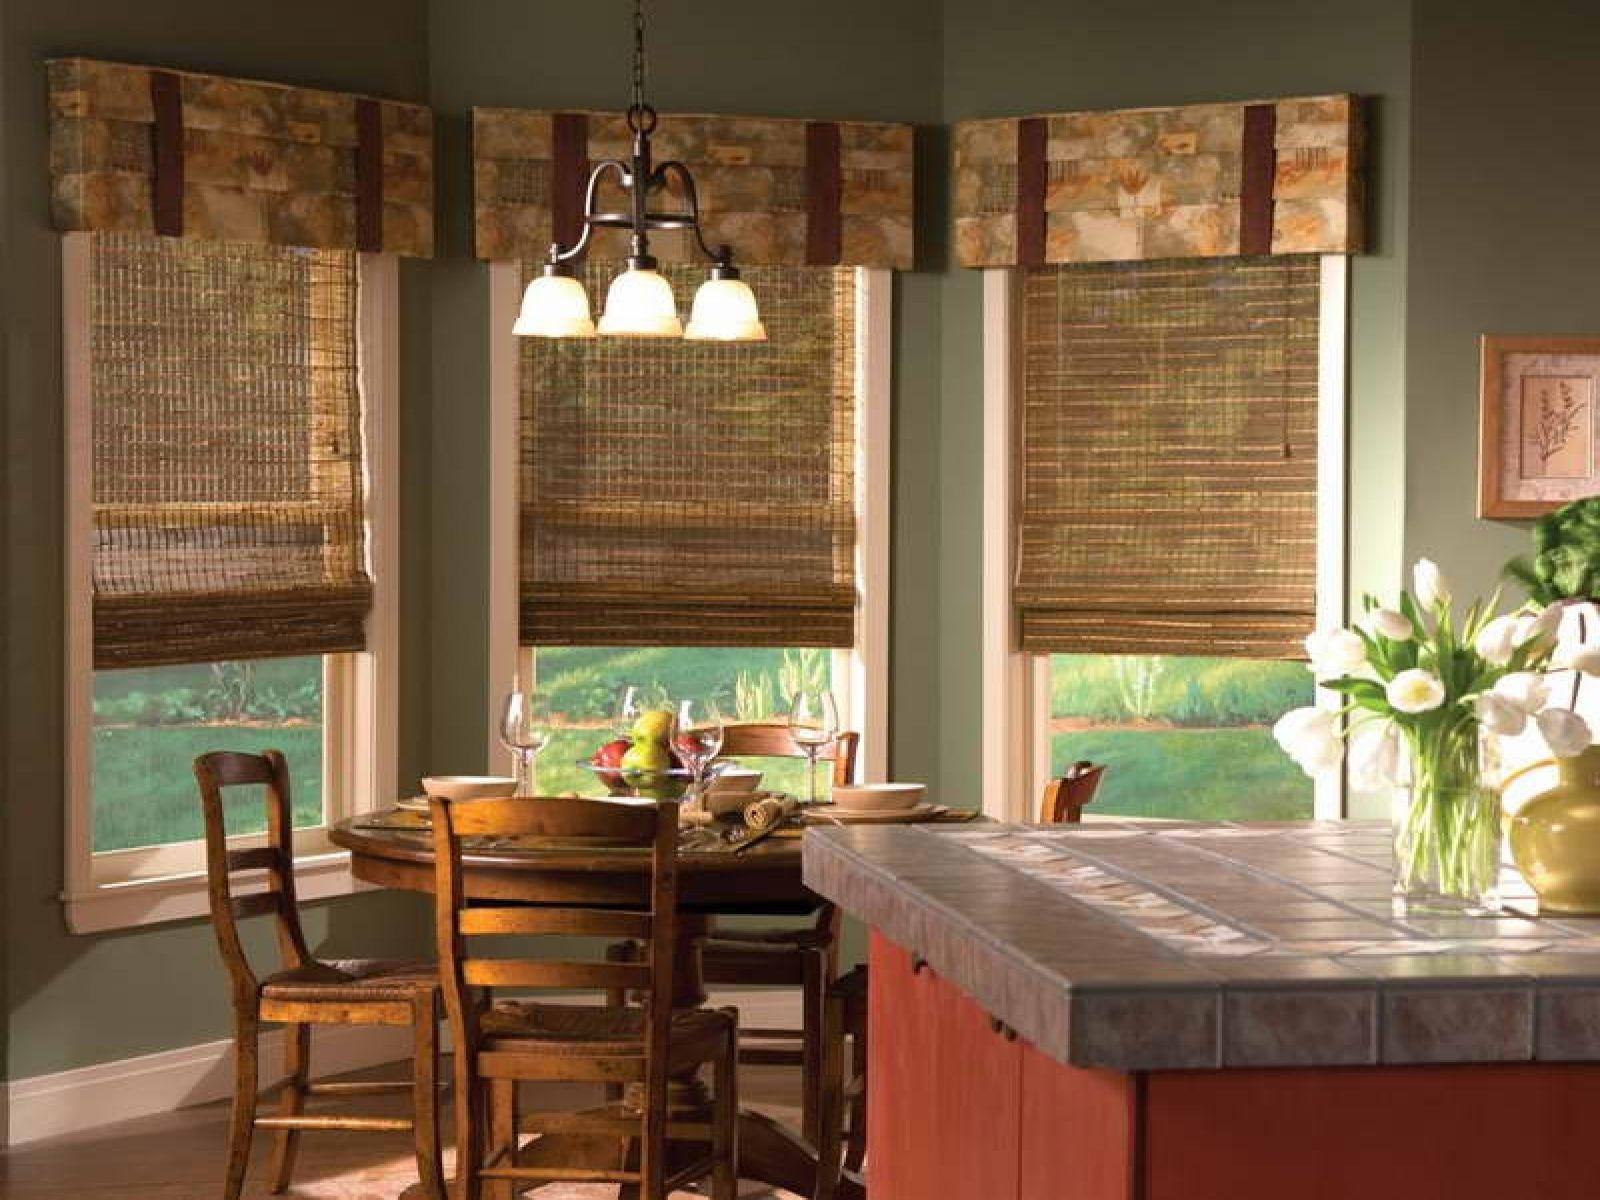 преимущества бамбуковых штор для кухни